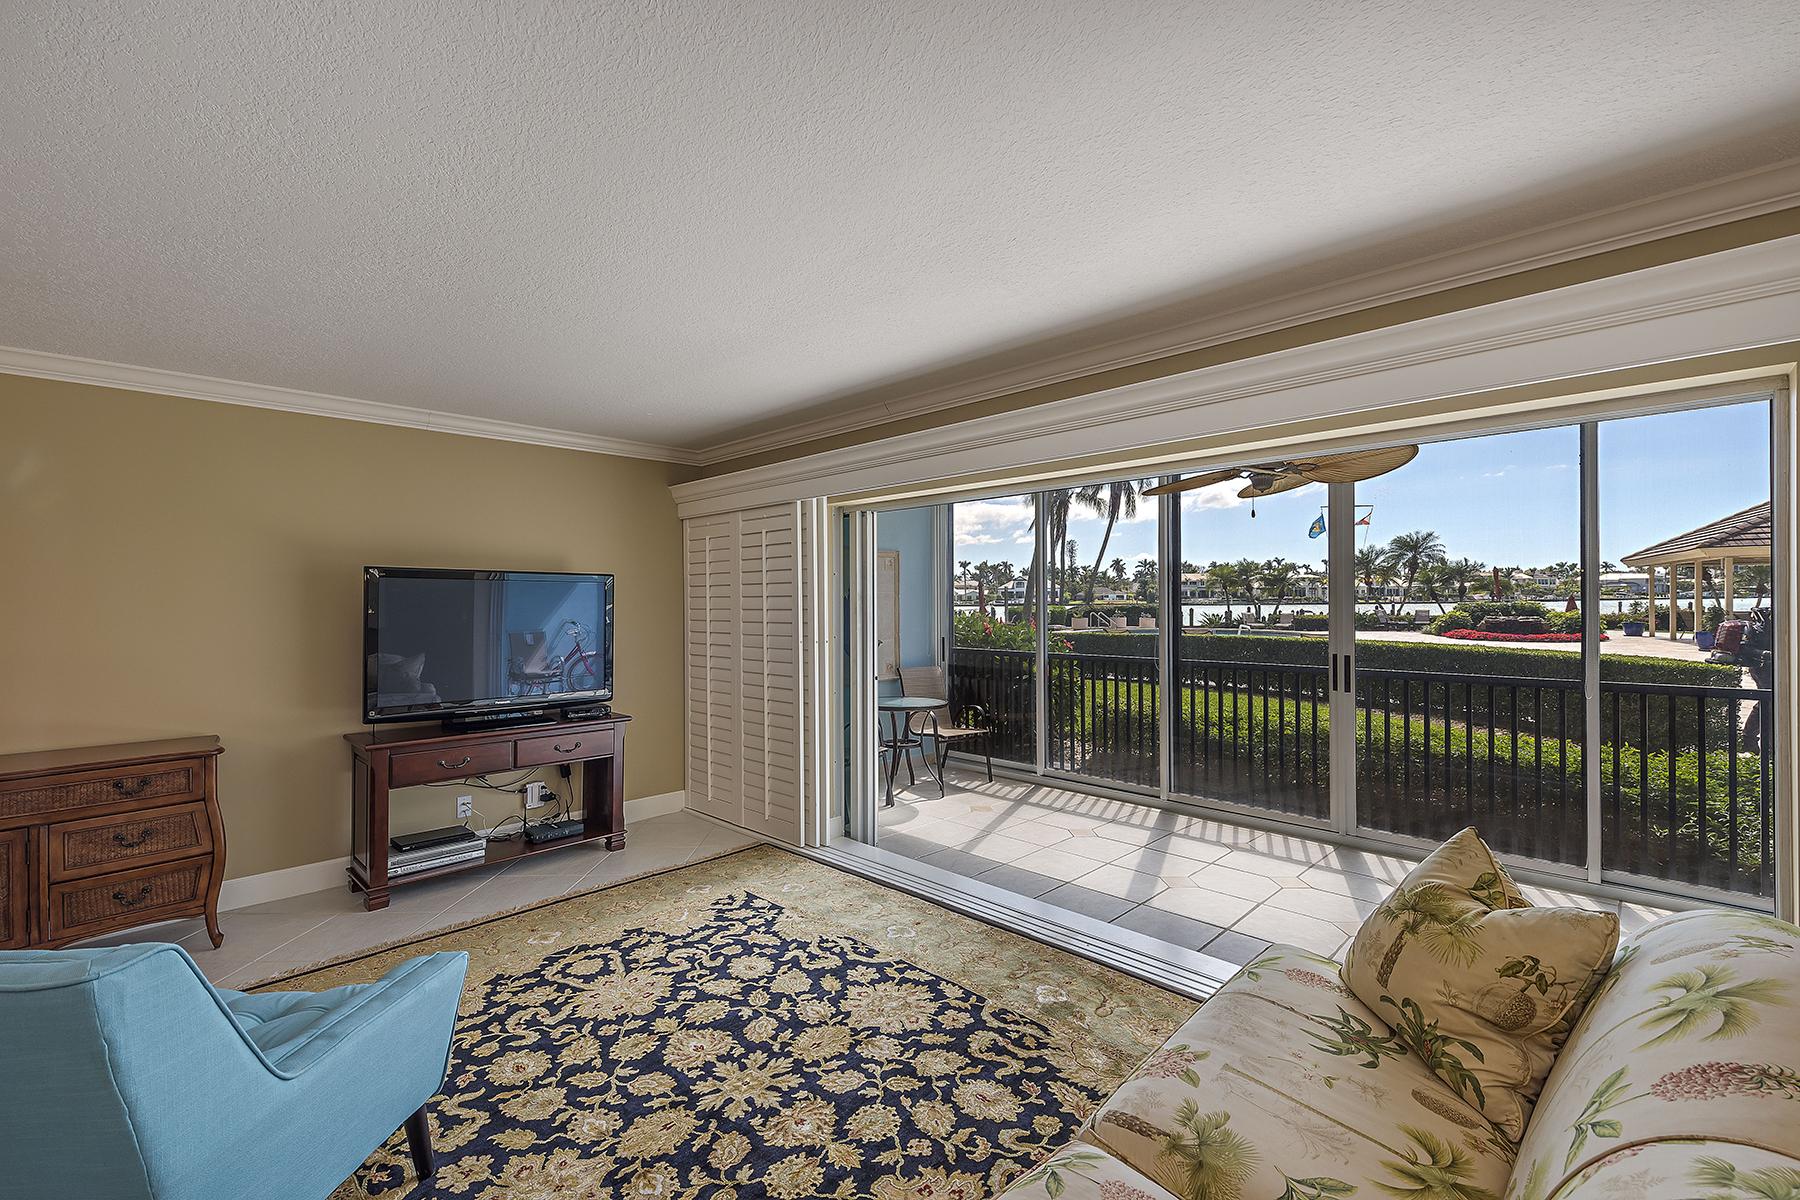 共管式独立产权公寓 为 销售 在 Commodore Club 222 Harbour Dr 110, 那不勒斯, 佛罗里达州, 34103 美国